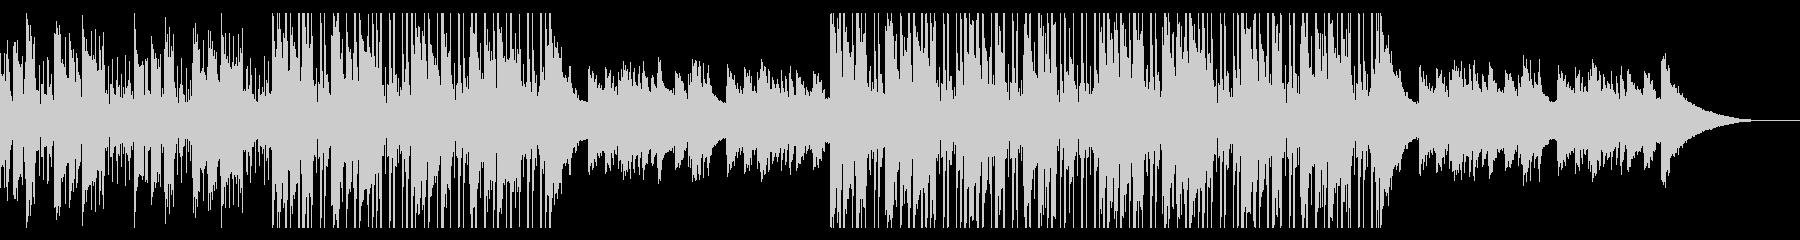 カフェの明るいジャズピアノ【キー +1】の未再生の波形